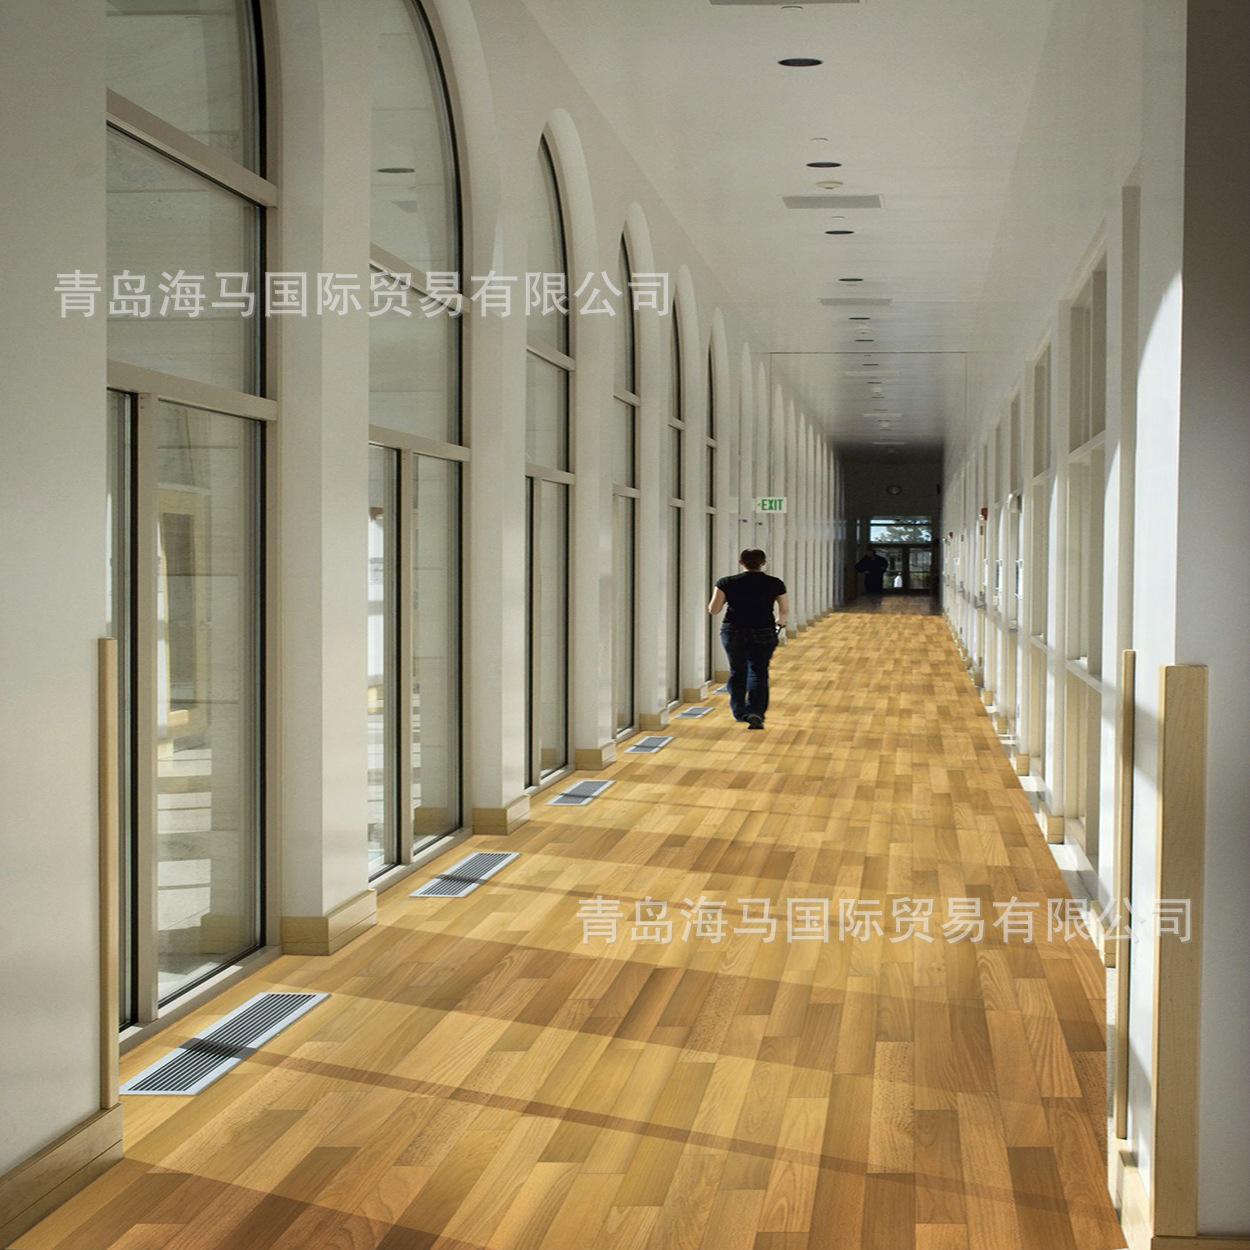 厂家直销比利时高迪塑胶地板/PVC地板家用商用医用地板防滑耐热